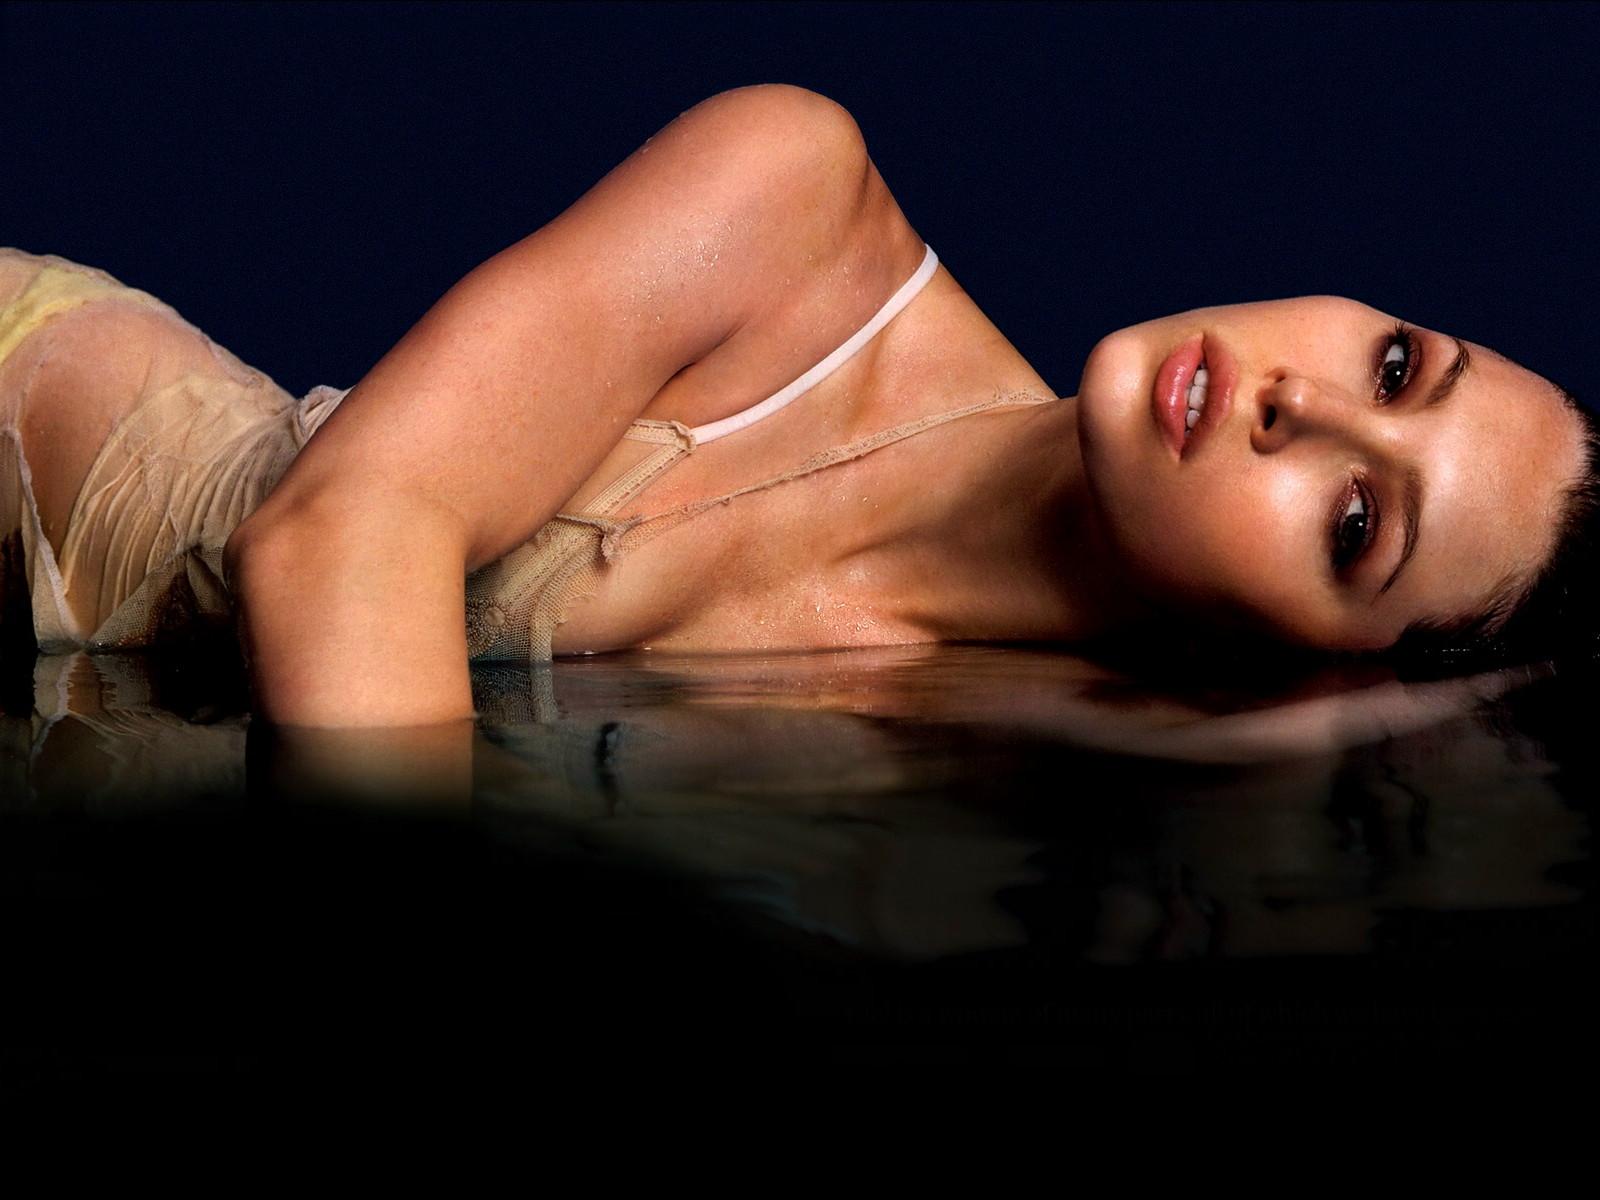 http://4.bp.blogspot.com/-MnGlP9Z0RWY/T0Xl2Q4BUsI/AAAAAAAAGY4/dKu3d6lDp5o/s1600/Jessica_Biel_nude-out+-dress.jpg